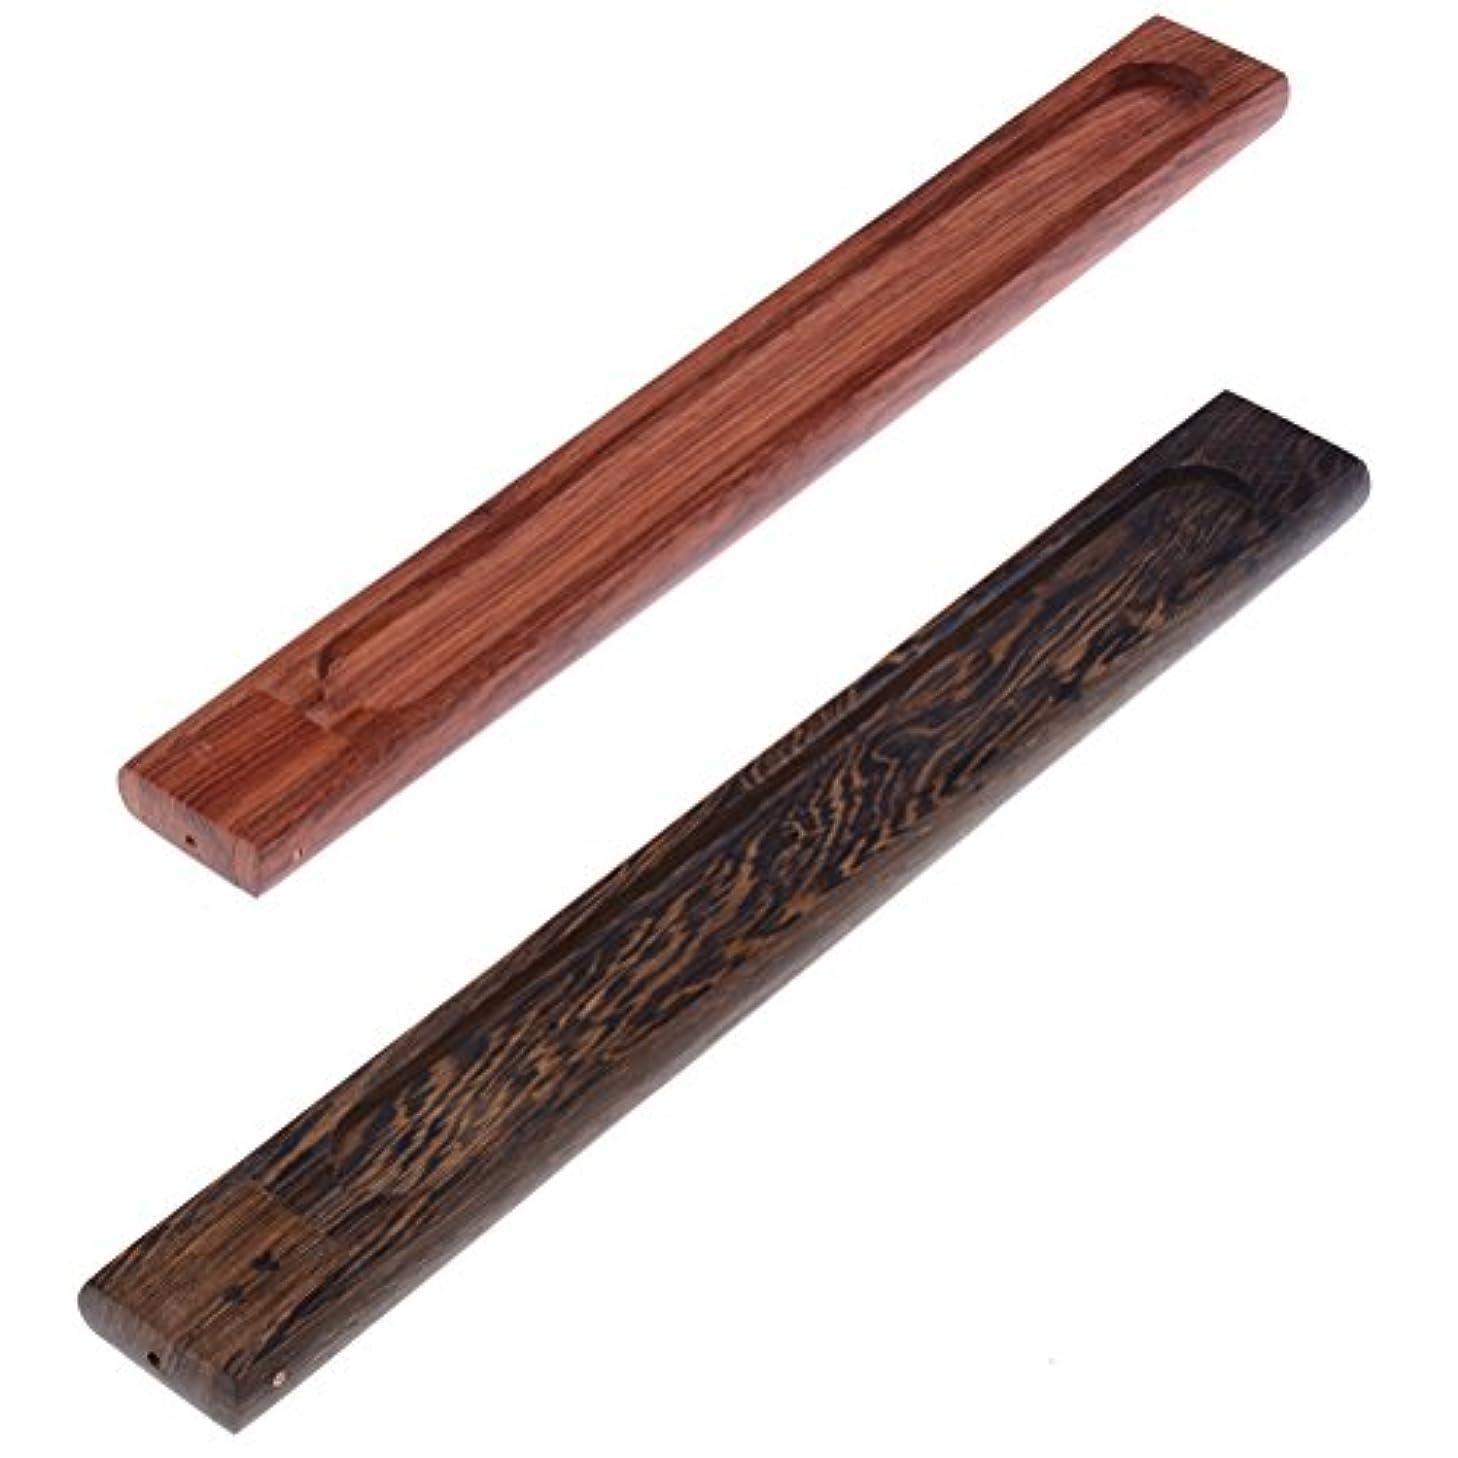 損傷記事ストラップyiphates 2ピース木製香炉スティックホルダーAshキャッチャー木製トレイwith Adjustable Incense Stick Holder